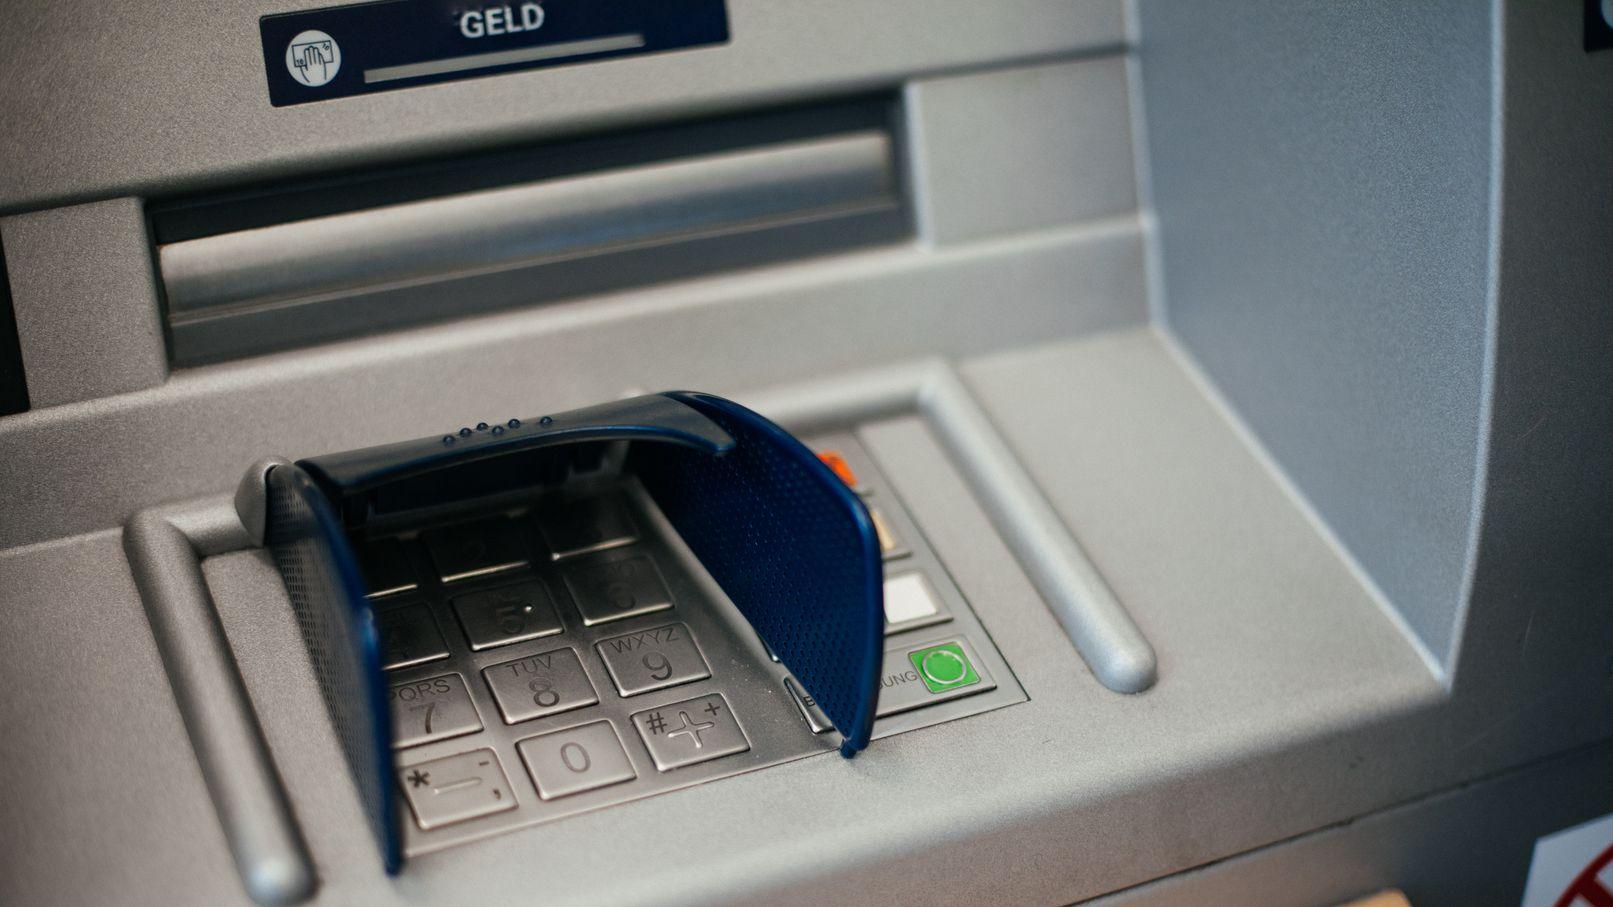 Symbolbild: Tastenfeld eines Bankautomaten